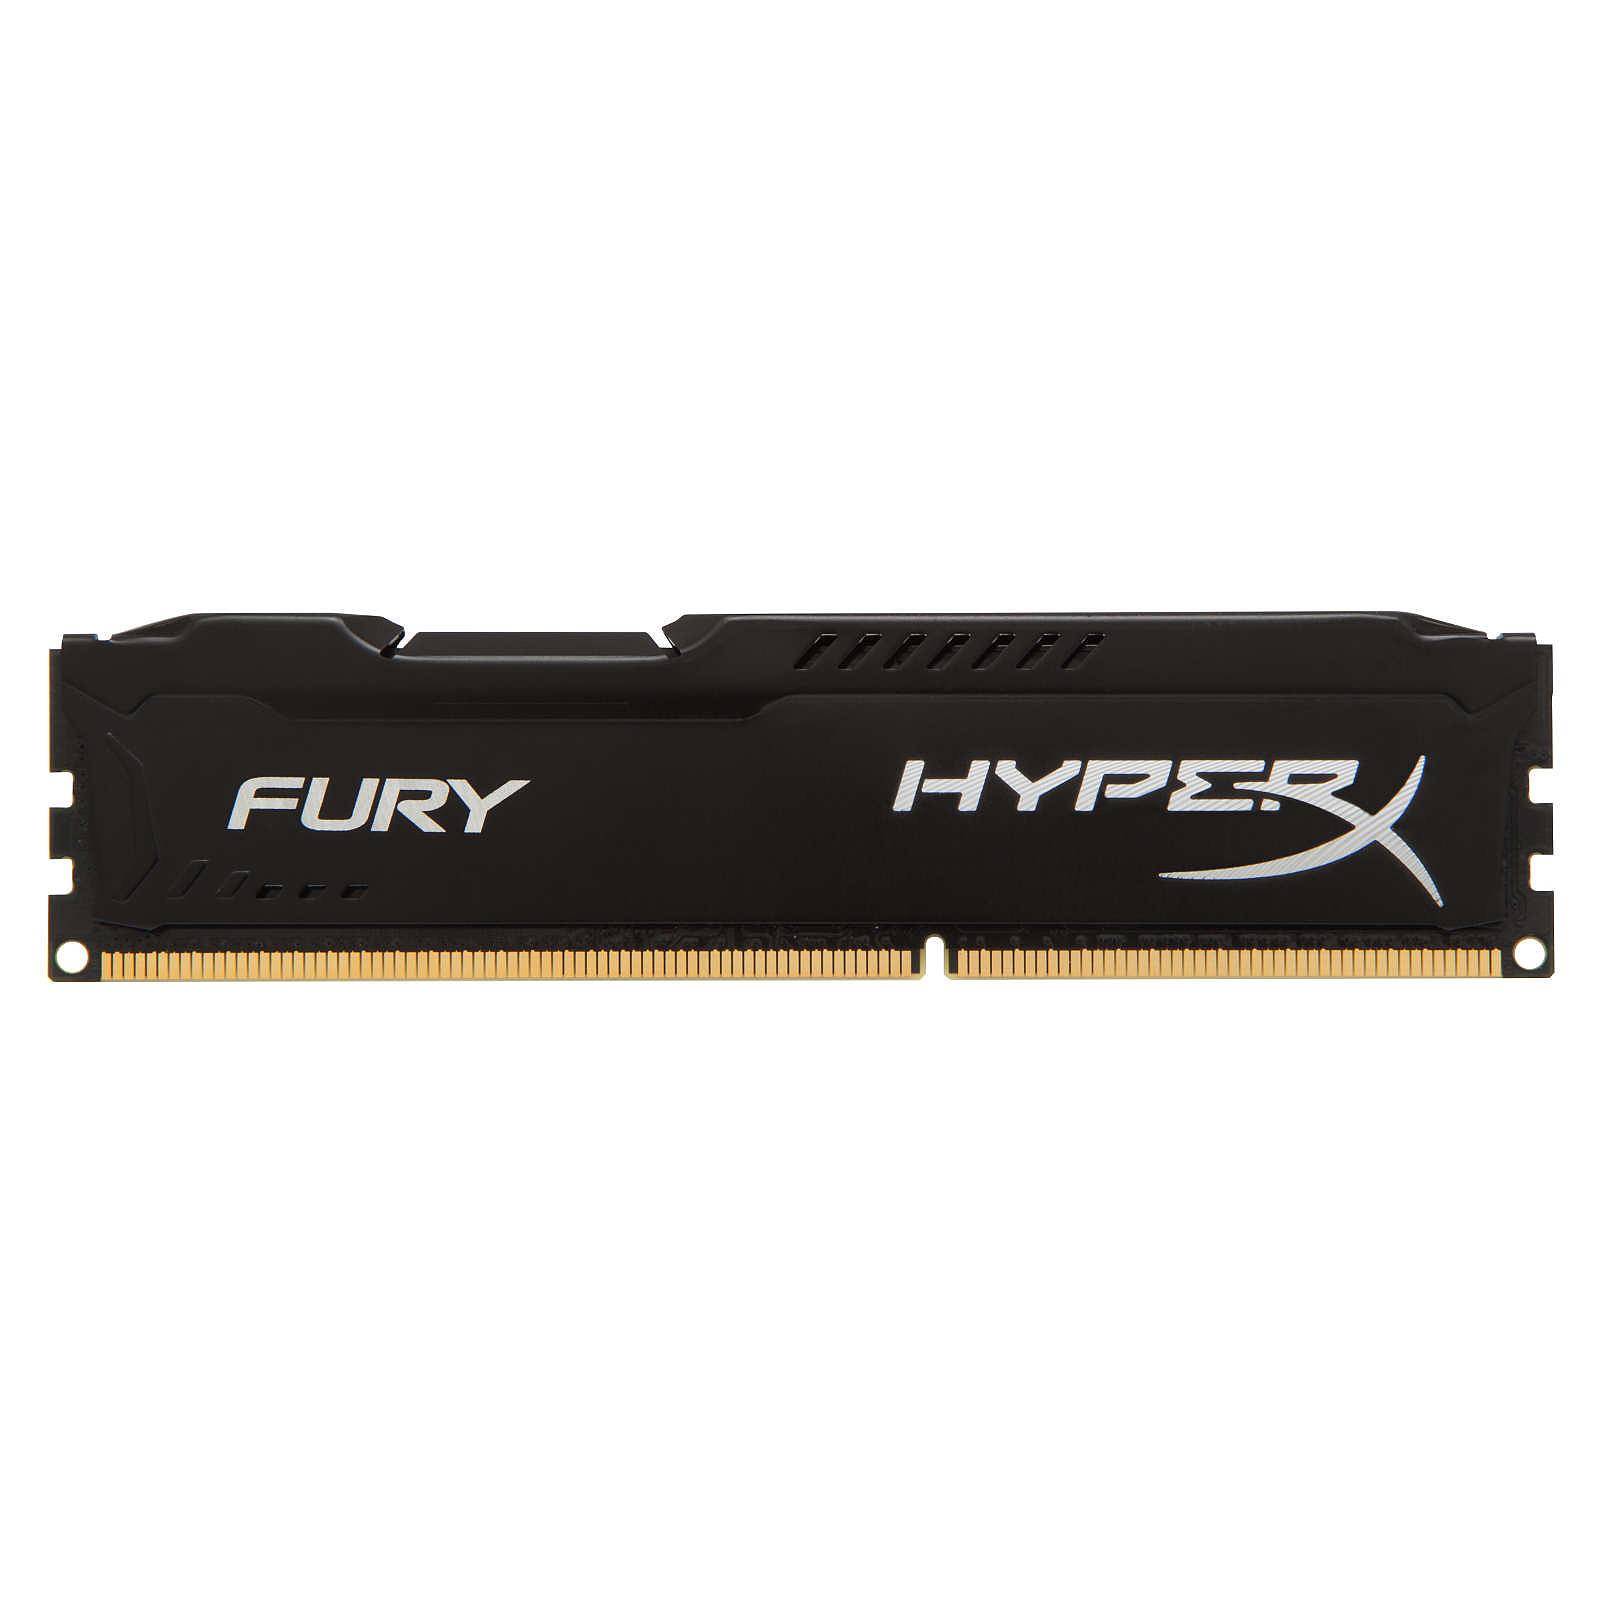 HyperX Fury 8 Go DDR3 1866 MHz CL10